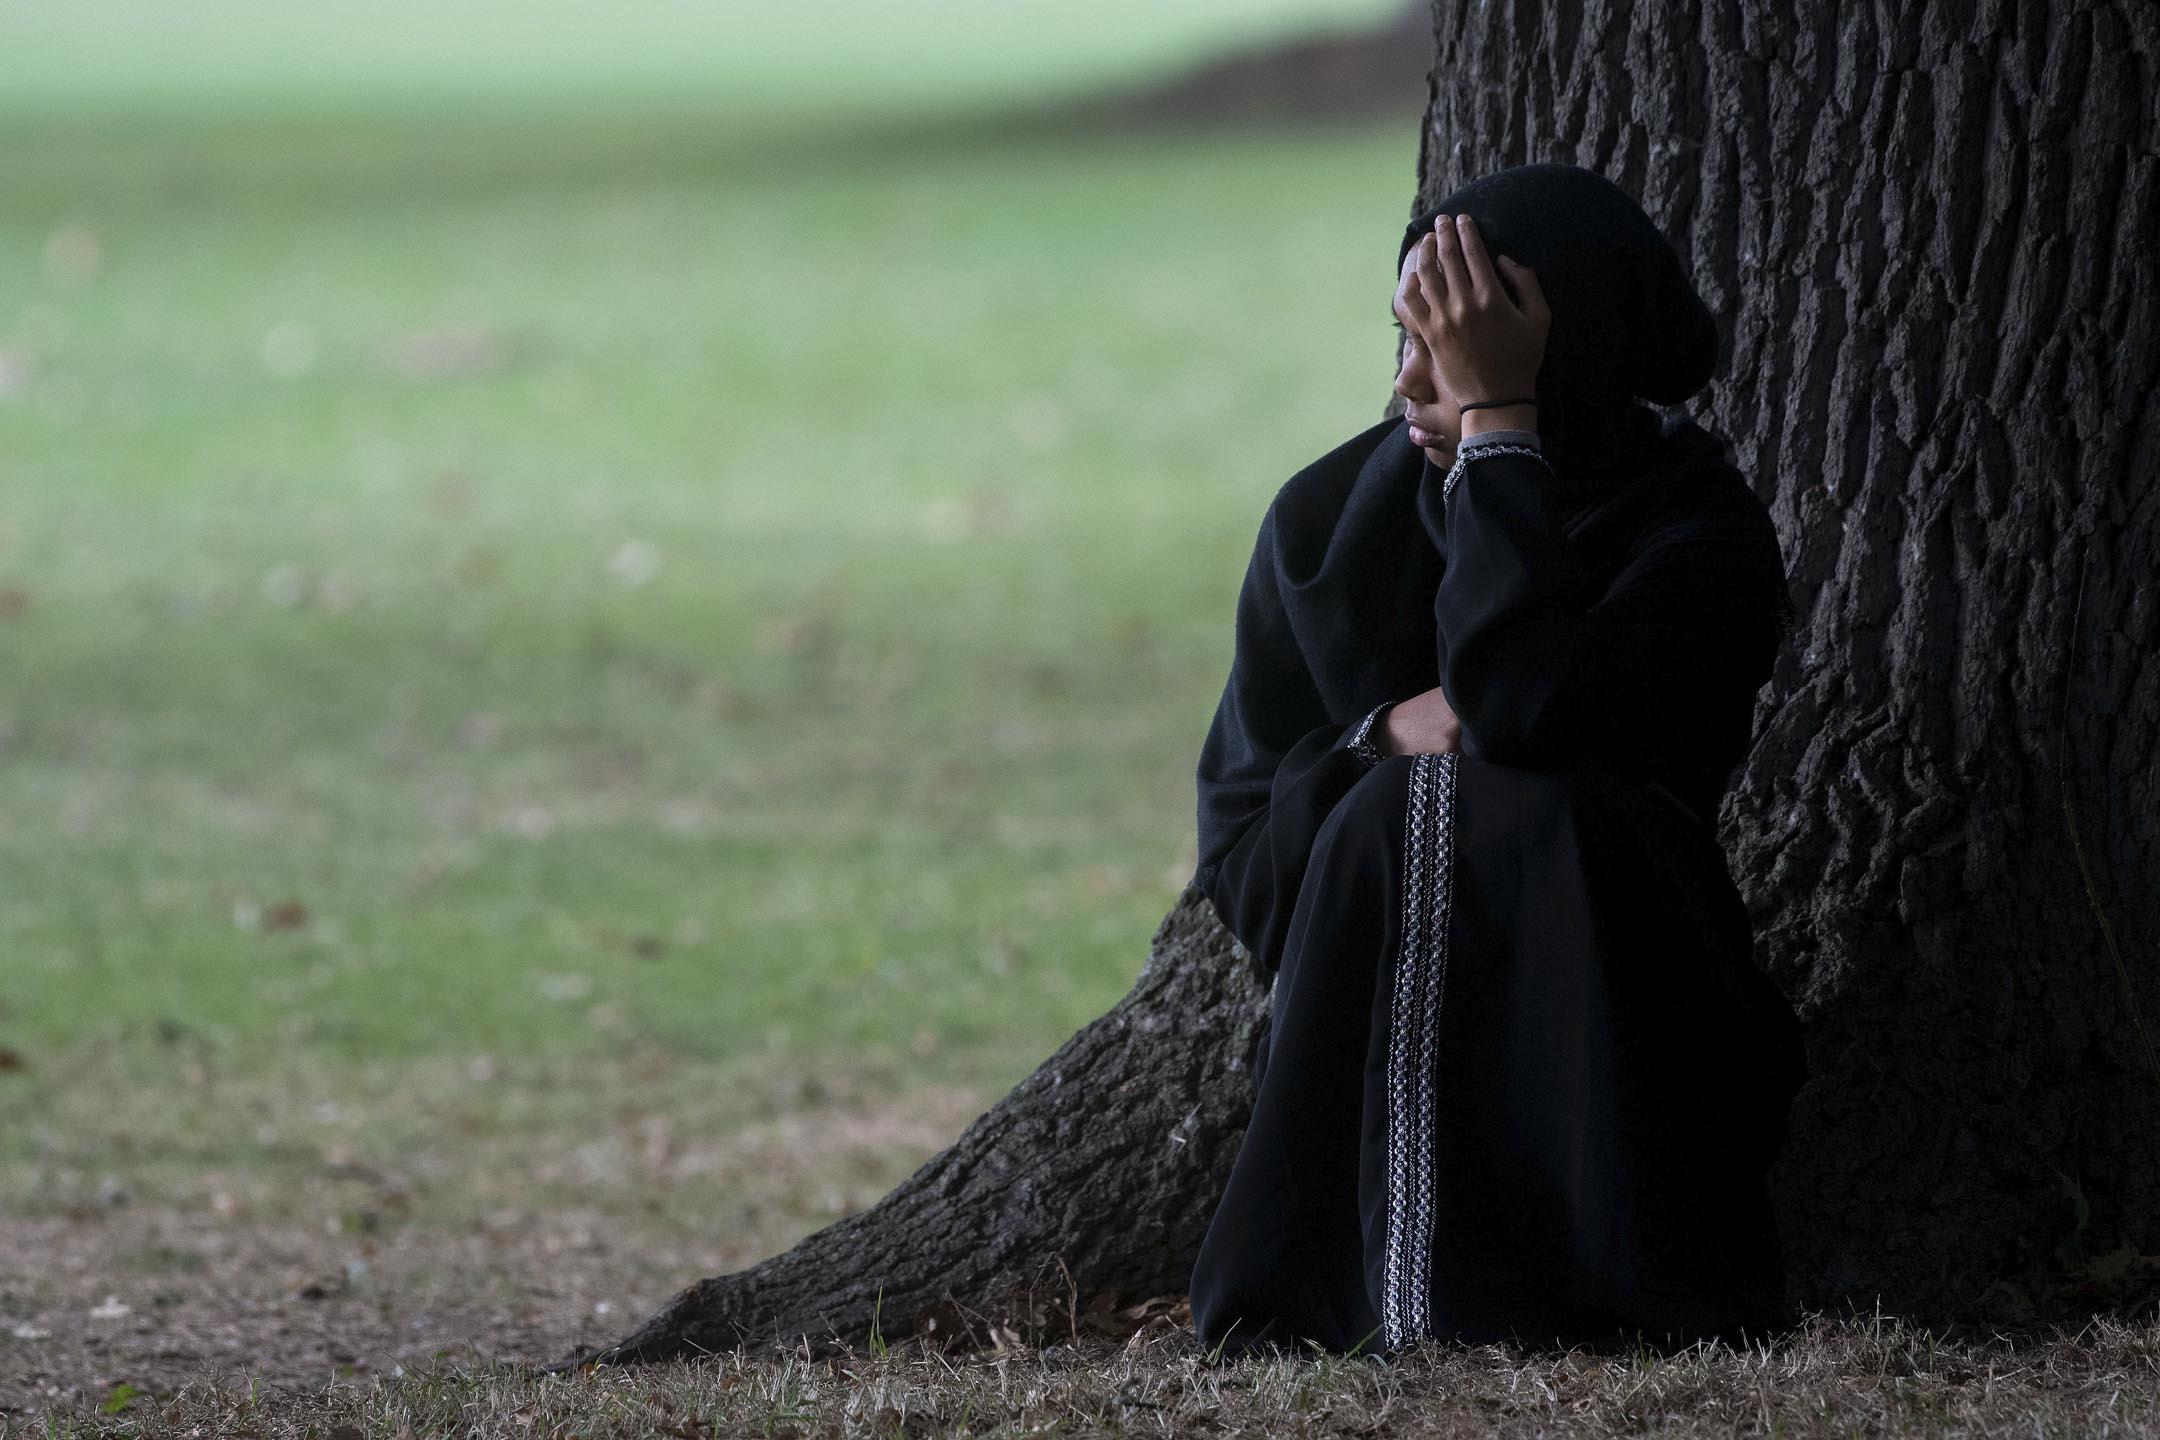 2019年3月19日,一名婦女在新西蘭基督城的Al Noor清真寺對面安靜地坐著,面對發生槍擊案現場,神情哀傷。 攝:Marty Melville/AFP/Getty Images